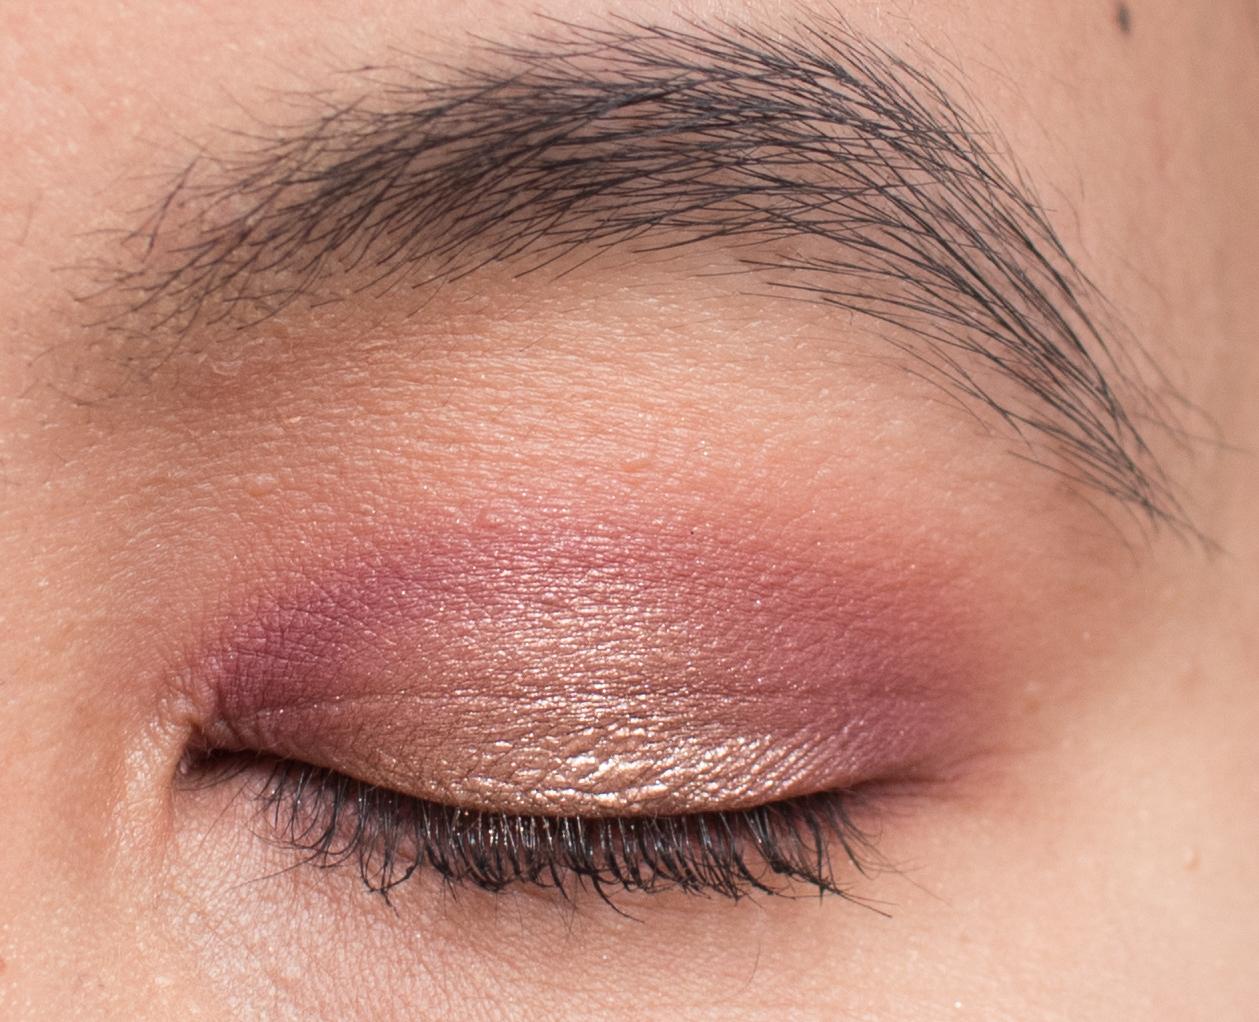 abf0d205692 Warm Berries Makeup Look Closed Eye